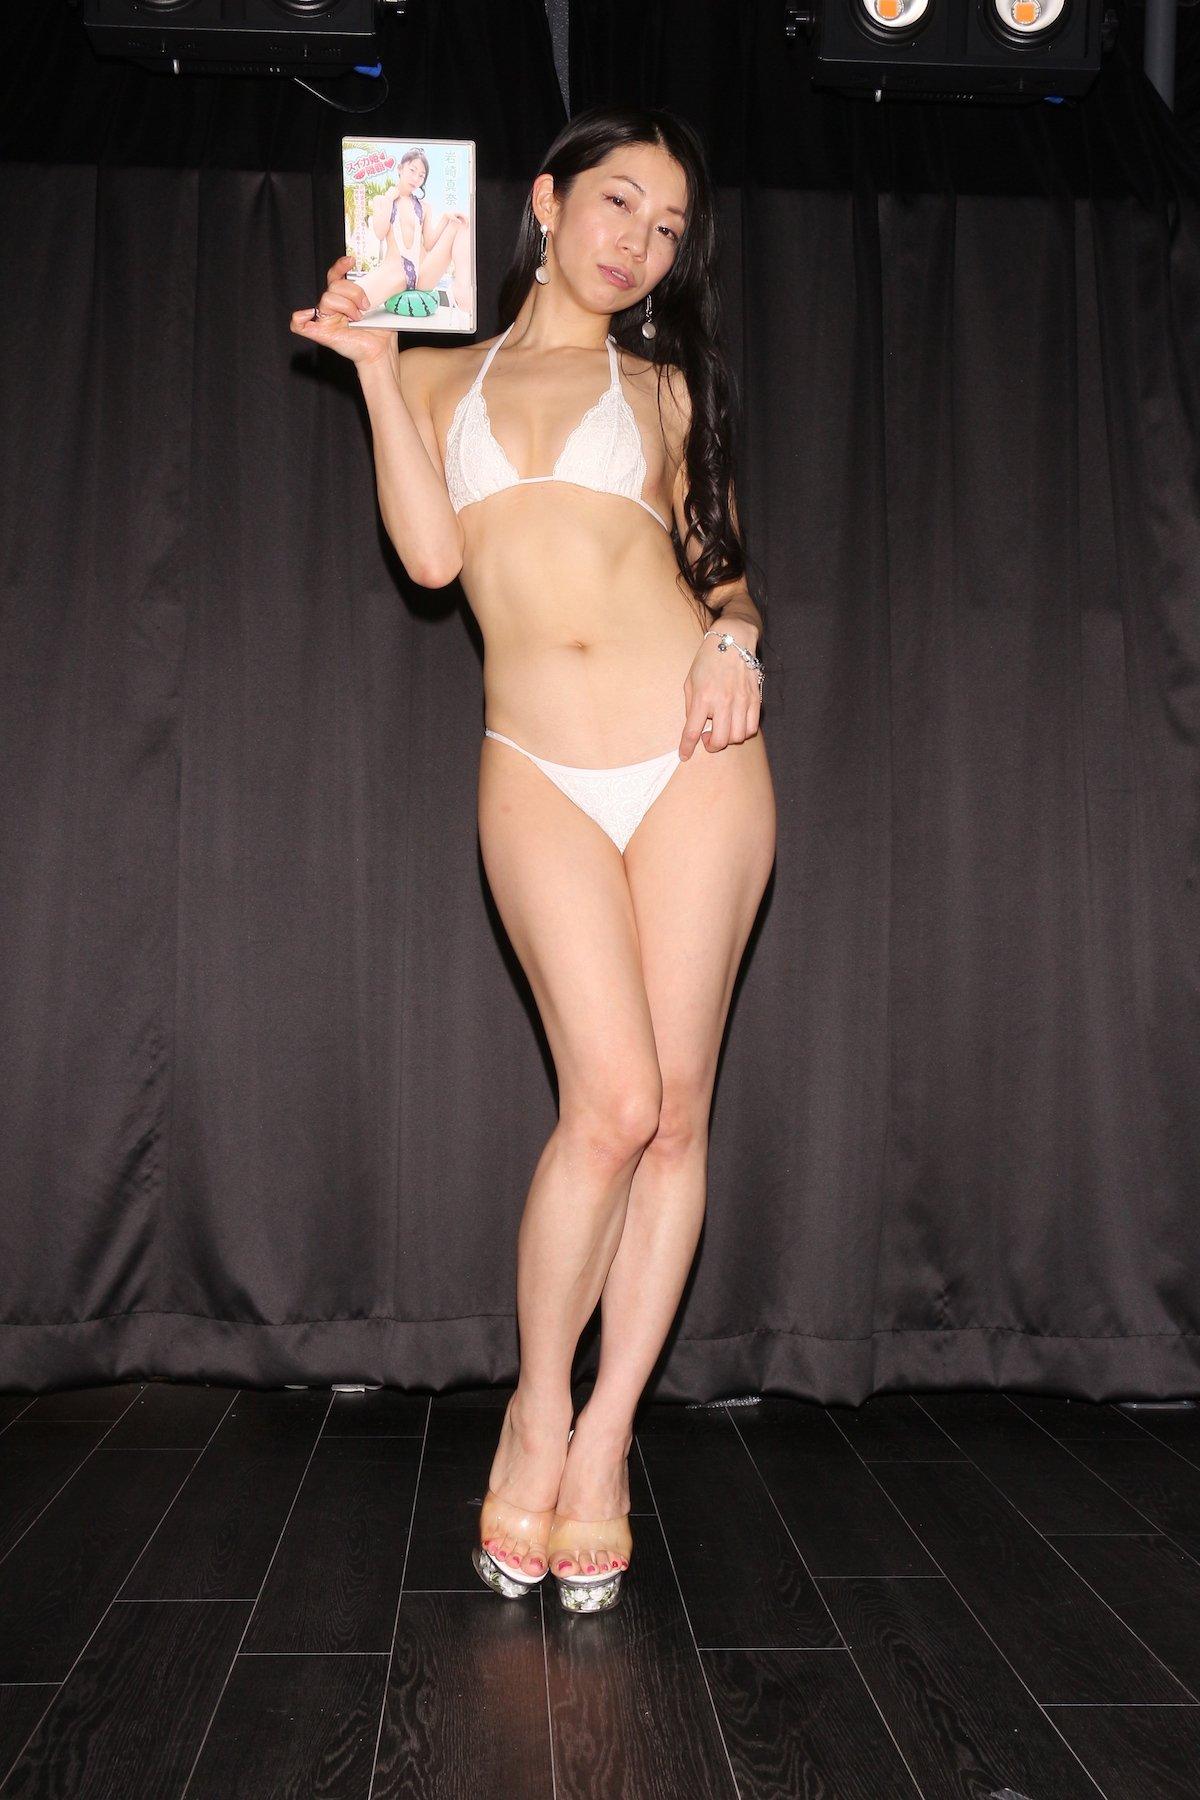 岩崎真奈「ベンチの縁にこすったり」私史上最高にセクシー【画像50枚】の画像036